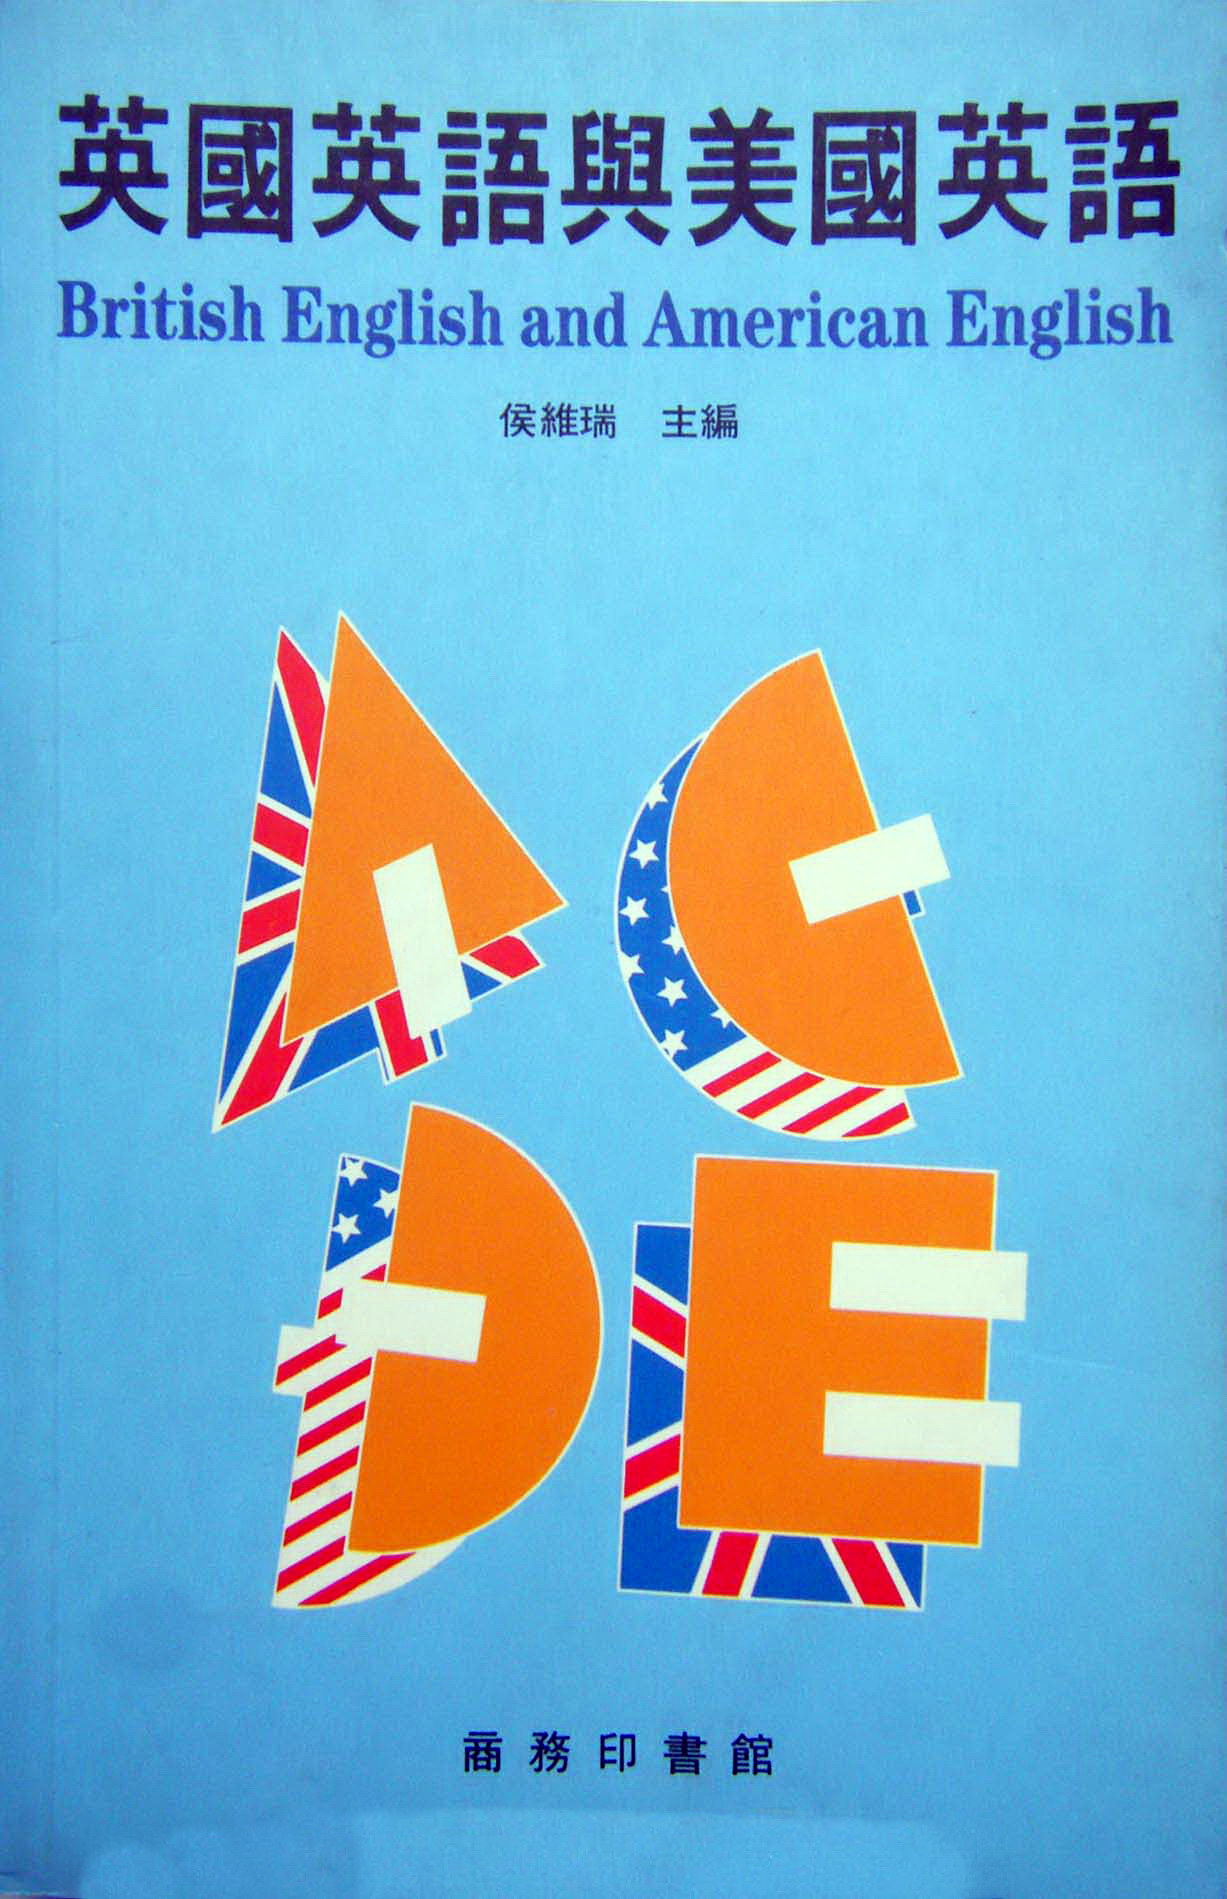 英國英語與美國英語